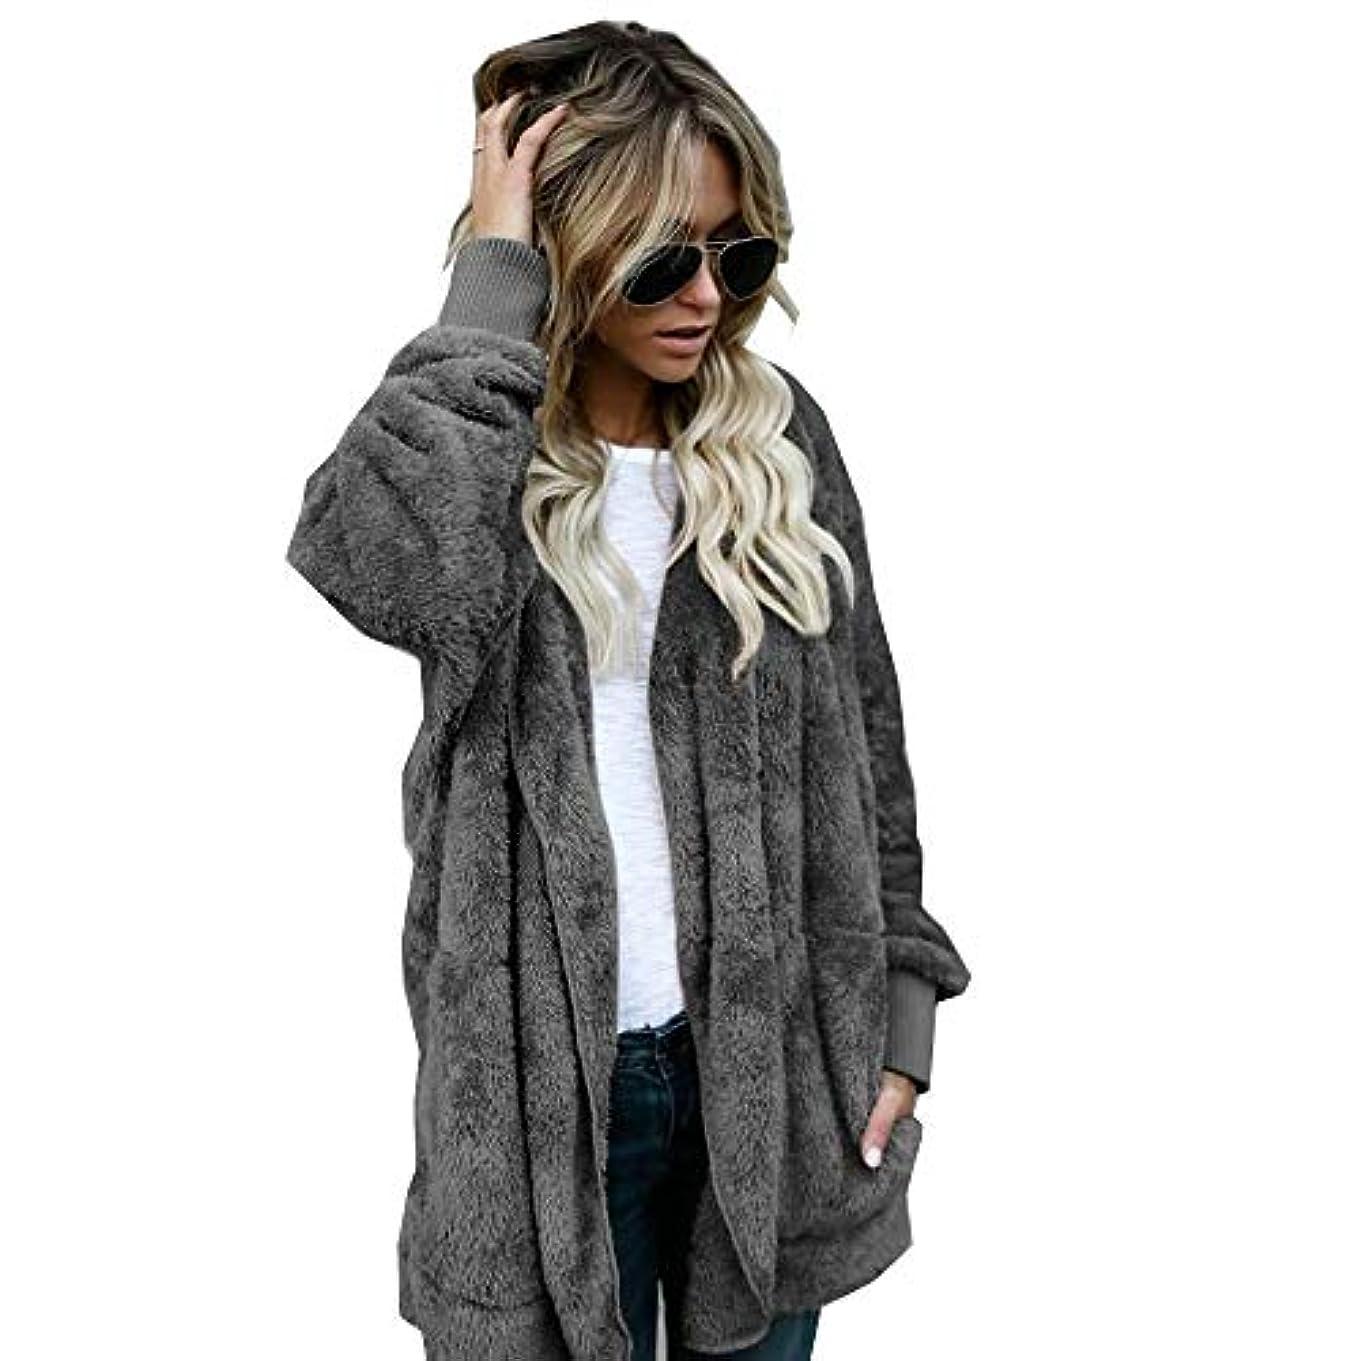 チョコレート抽選悪化するMIFAN 長袖パーカー、冬のコート、女性のコート、女性の緩い厚く暖かいフェイクファーフード付きカーディガン